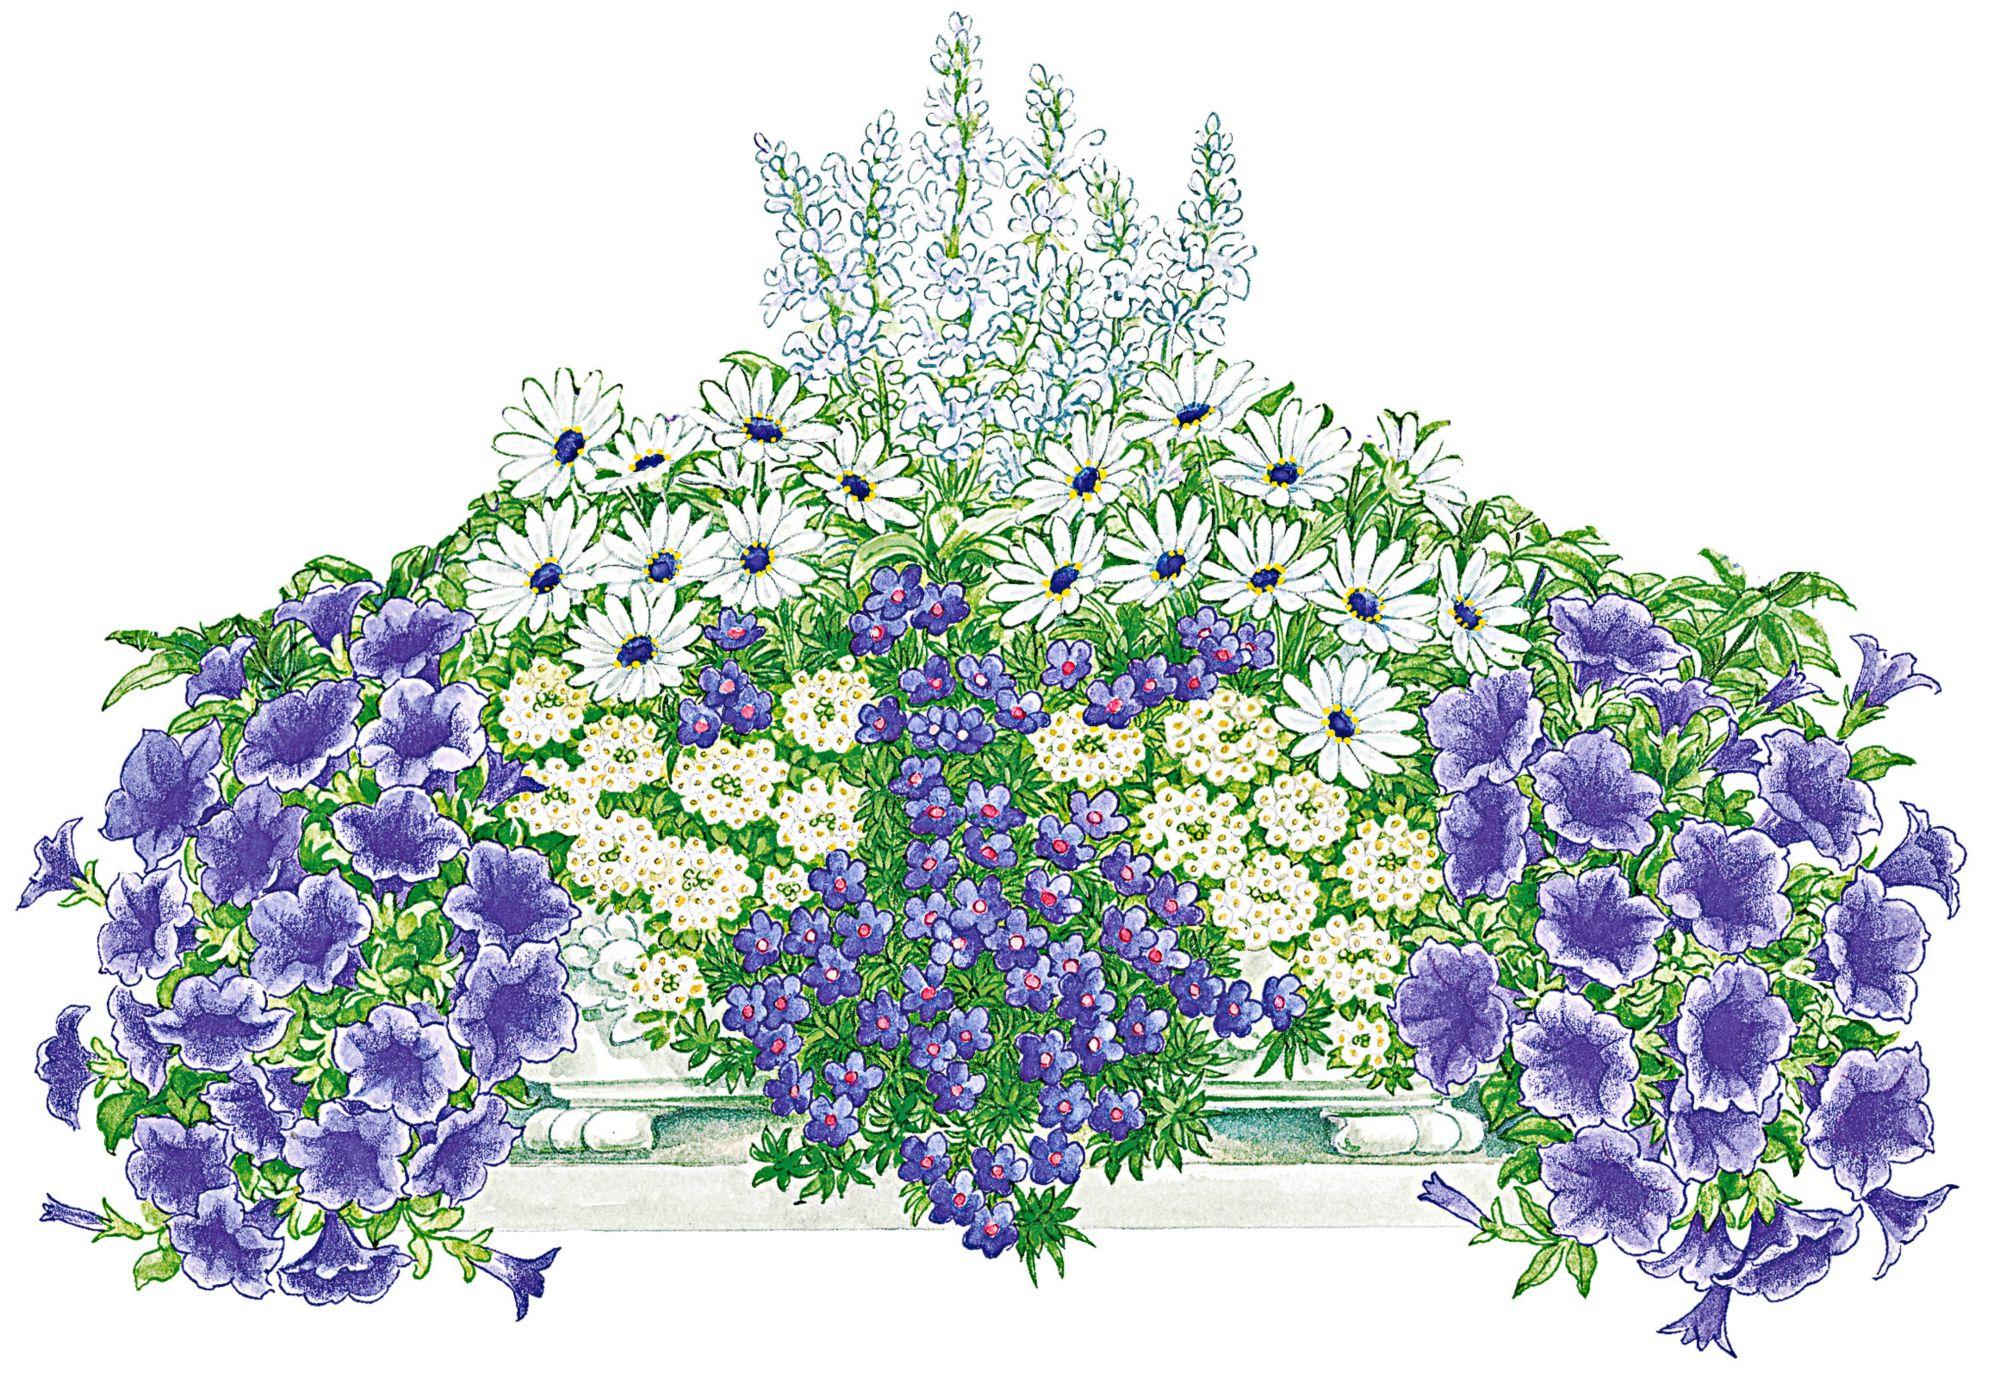 balkonpflanzen sets g nstig online kaufen beim schwab versand. Black Bedroom Furniture Sets. Home Design Ideas